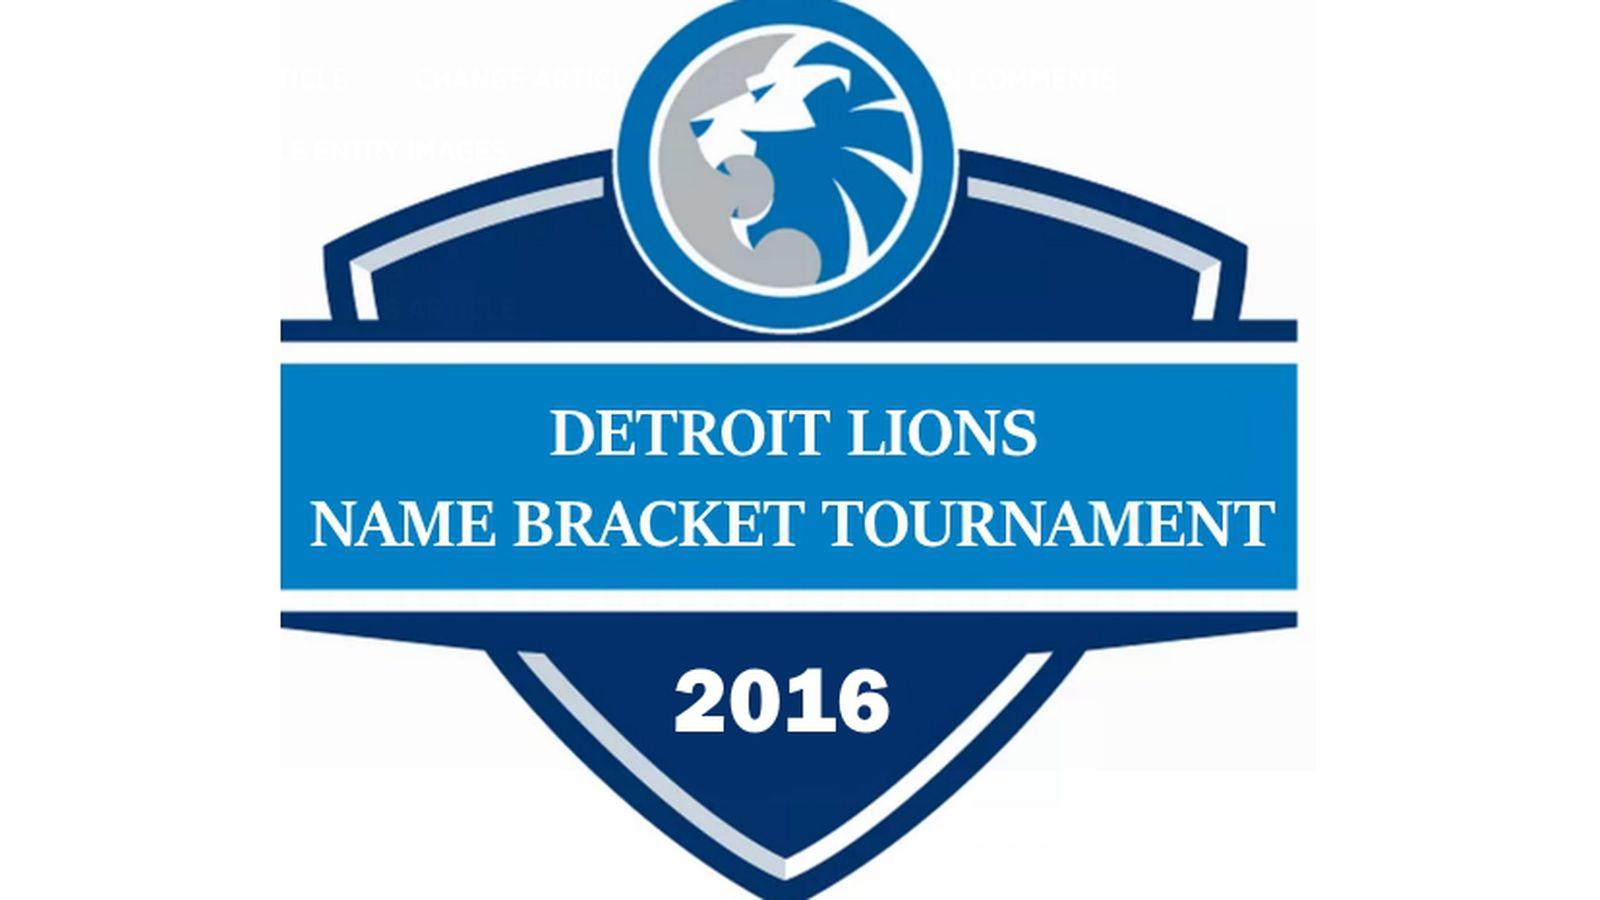 Name_bracket_2016_logo.0.0